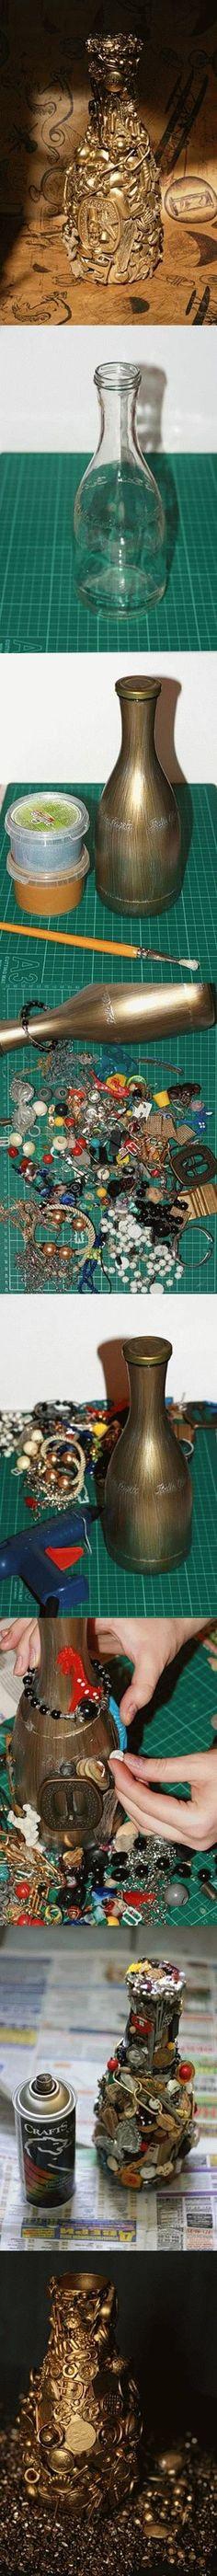 LEUK!! Alle prulletjes die je niet weg kunt of wilt gooien hergebruiken!!! DIY Unwanted Things Decorated Bottle